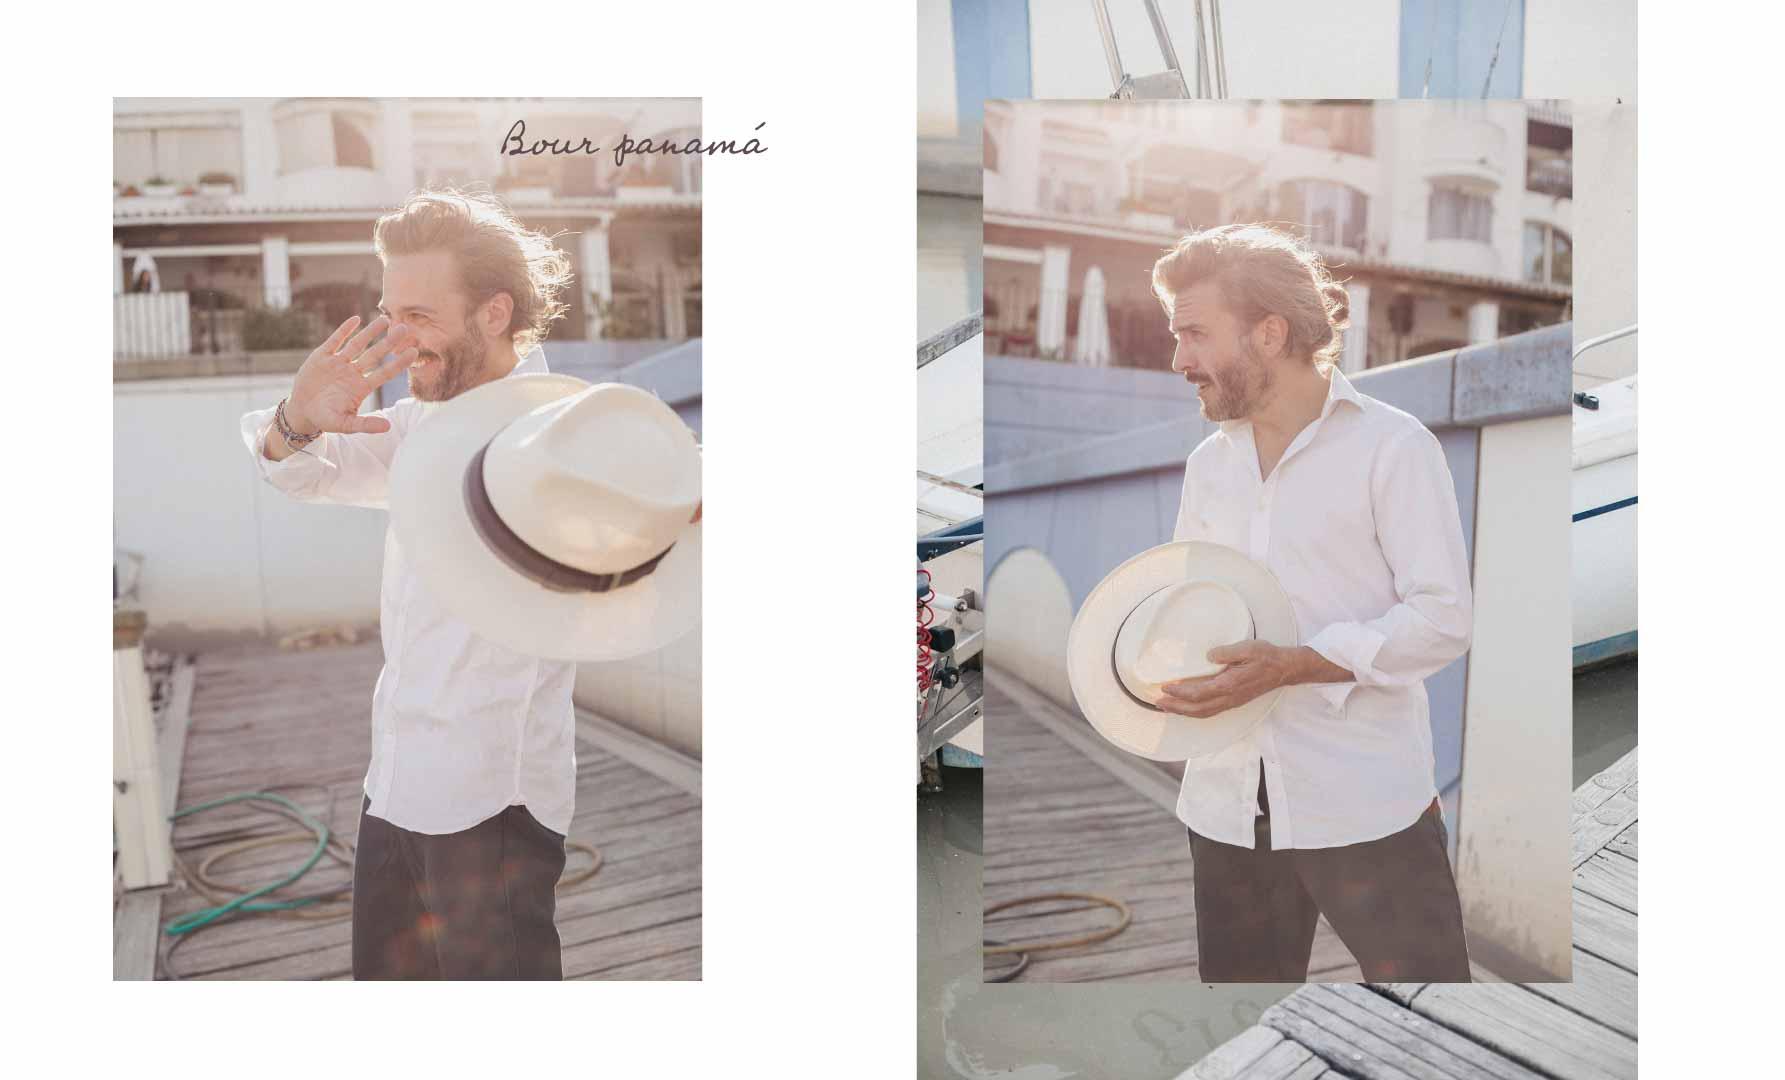 Los sombreros Bour